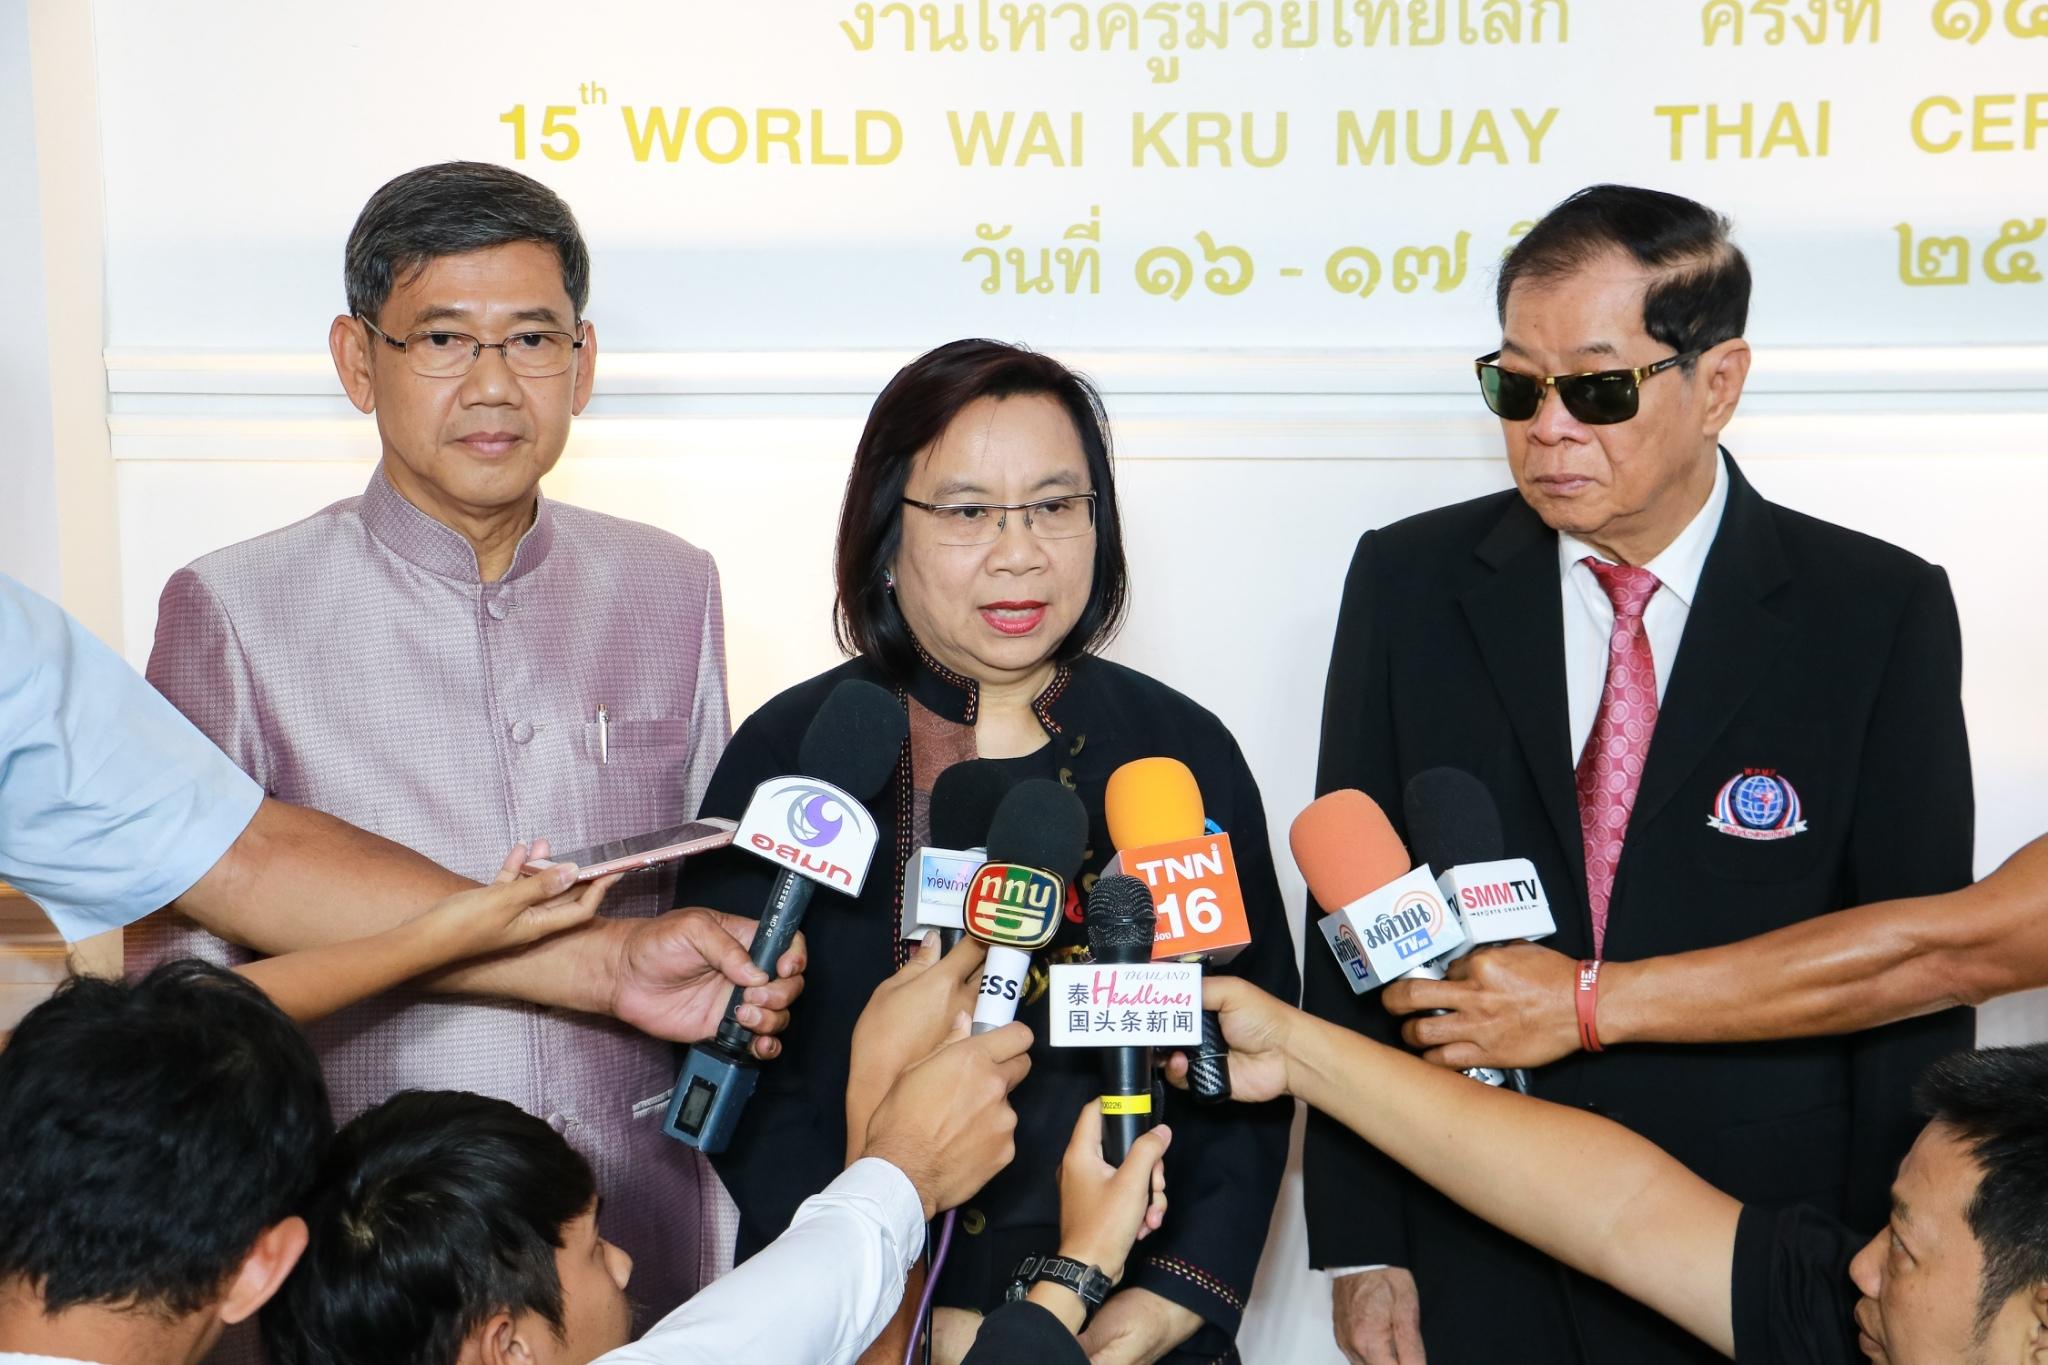 ททท. ขอเชิญร่วมงานไหว้ครูมวยไทยโลกครั้งที่ 15 ประจำปี 2562